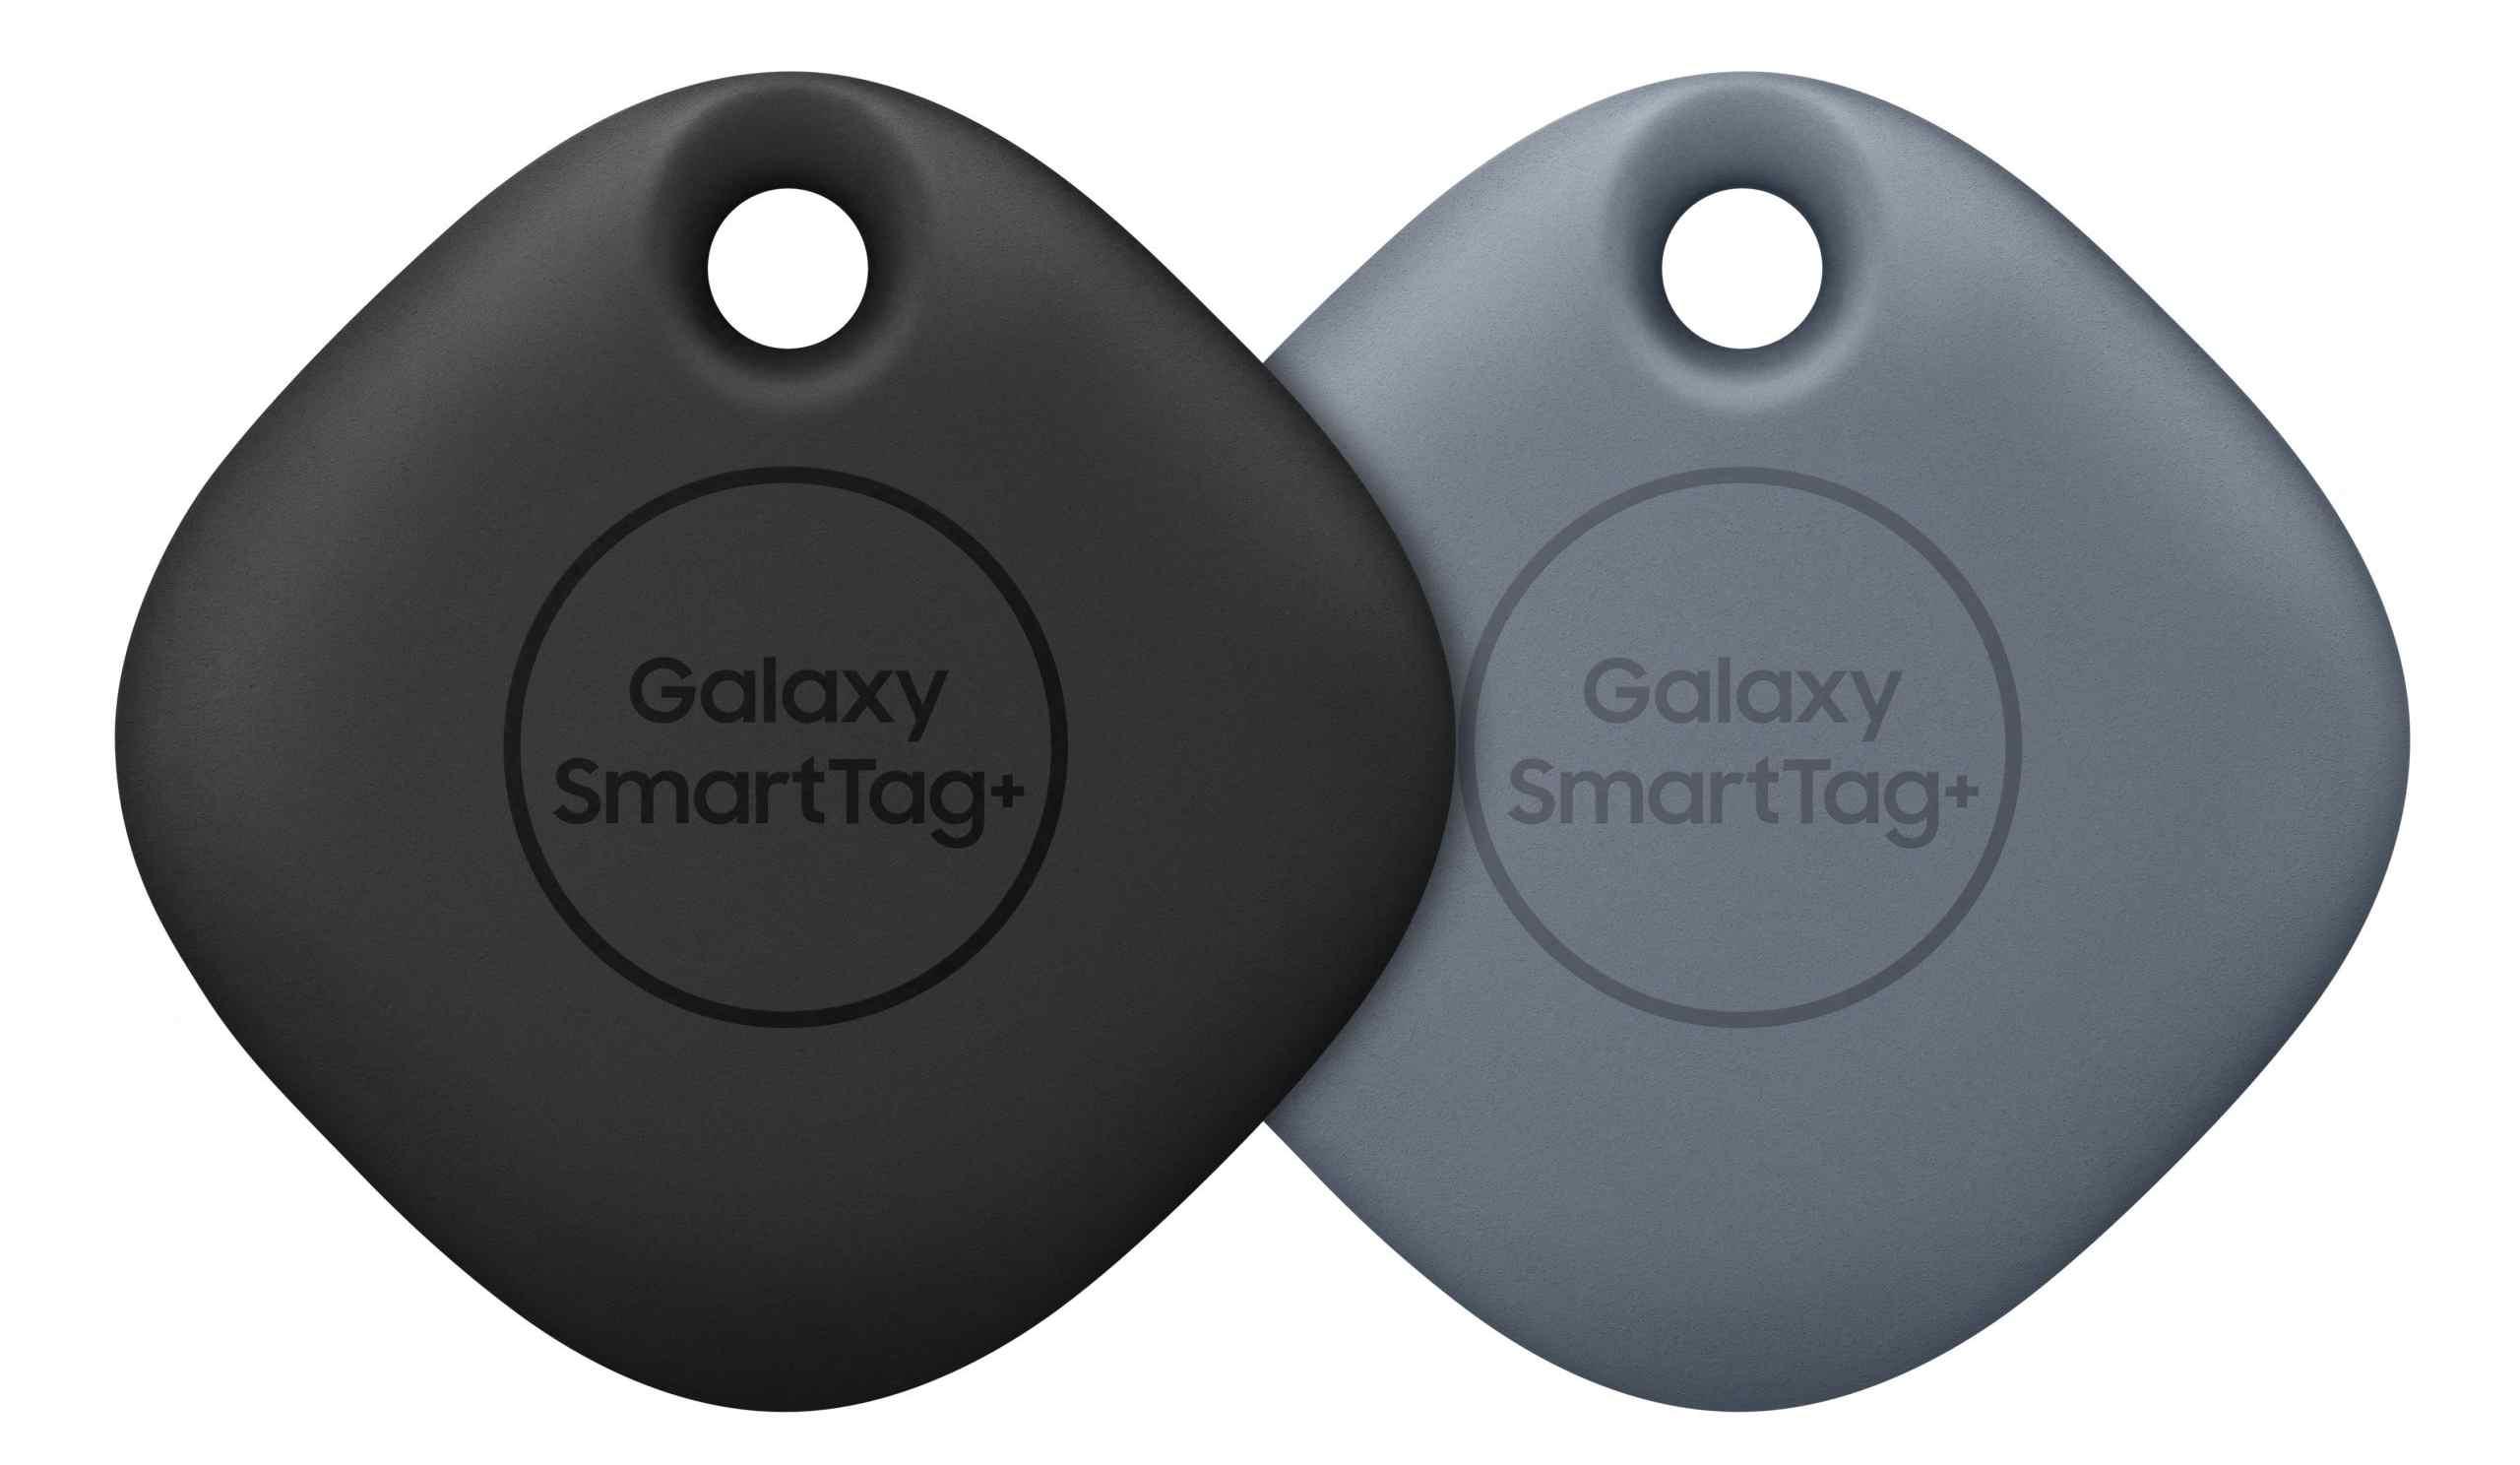 مشخصات و بررسی ردیاب Samsung Galaxy SmartTag